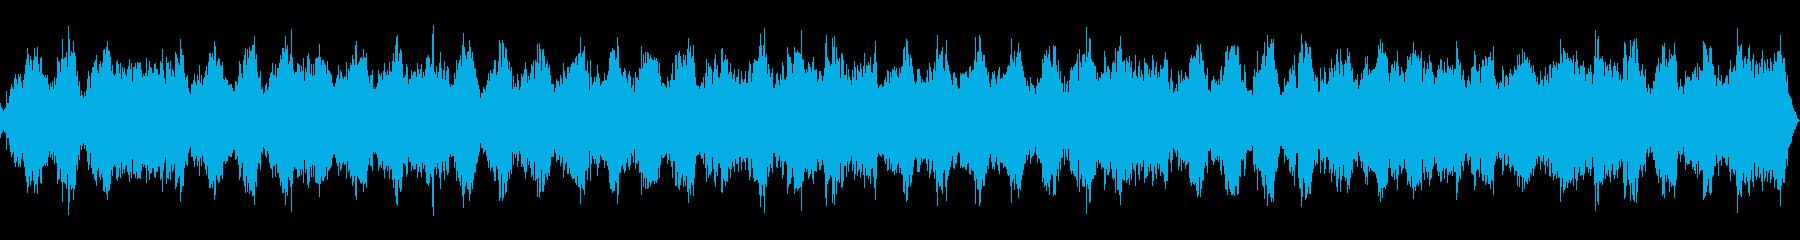 自然音をバックに流したヨガや瞑想用BGMの再生済みの波形